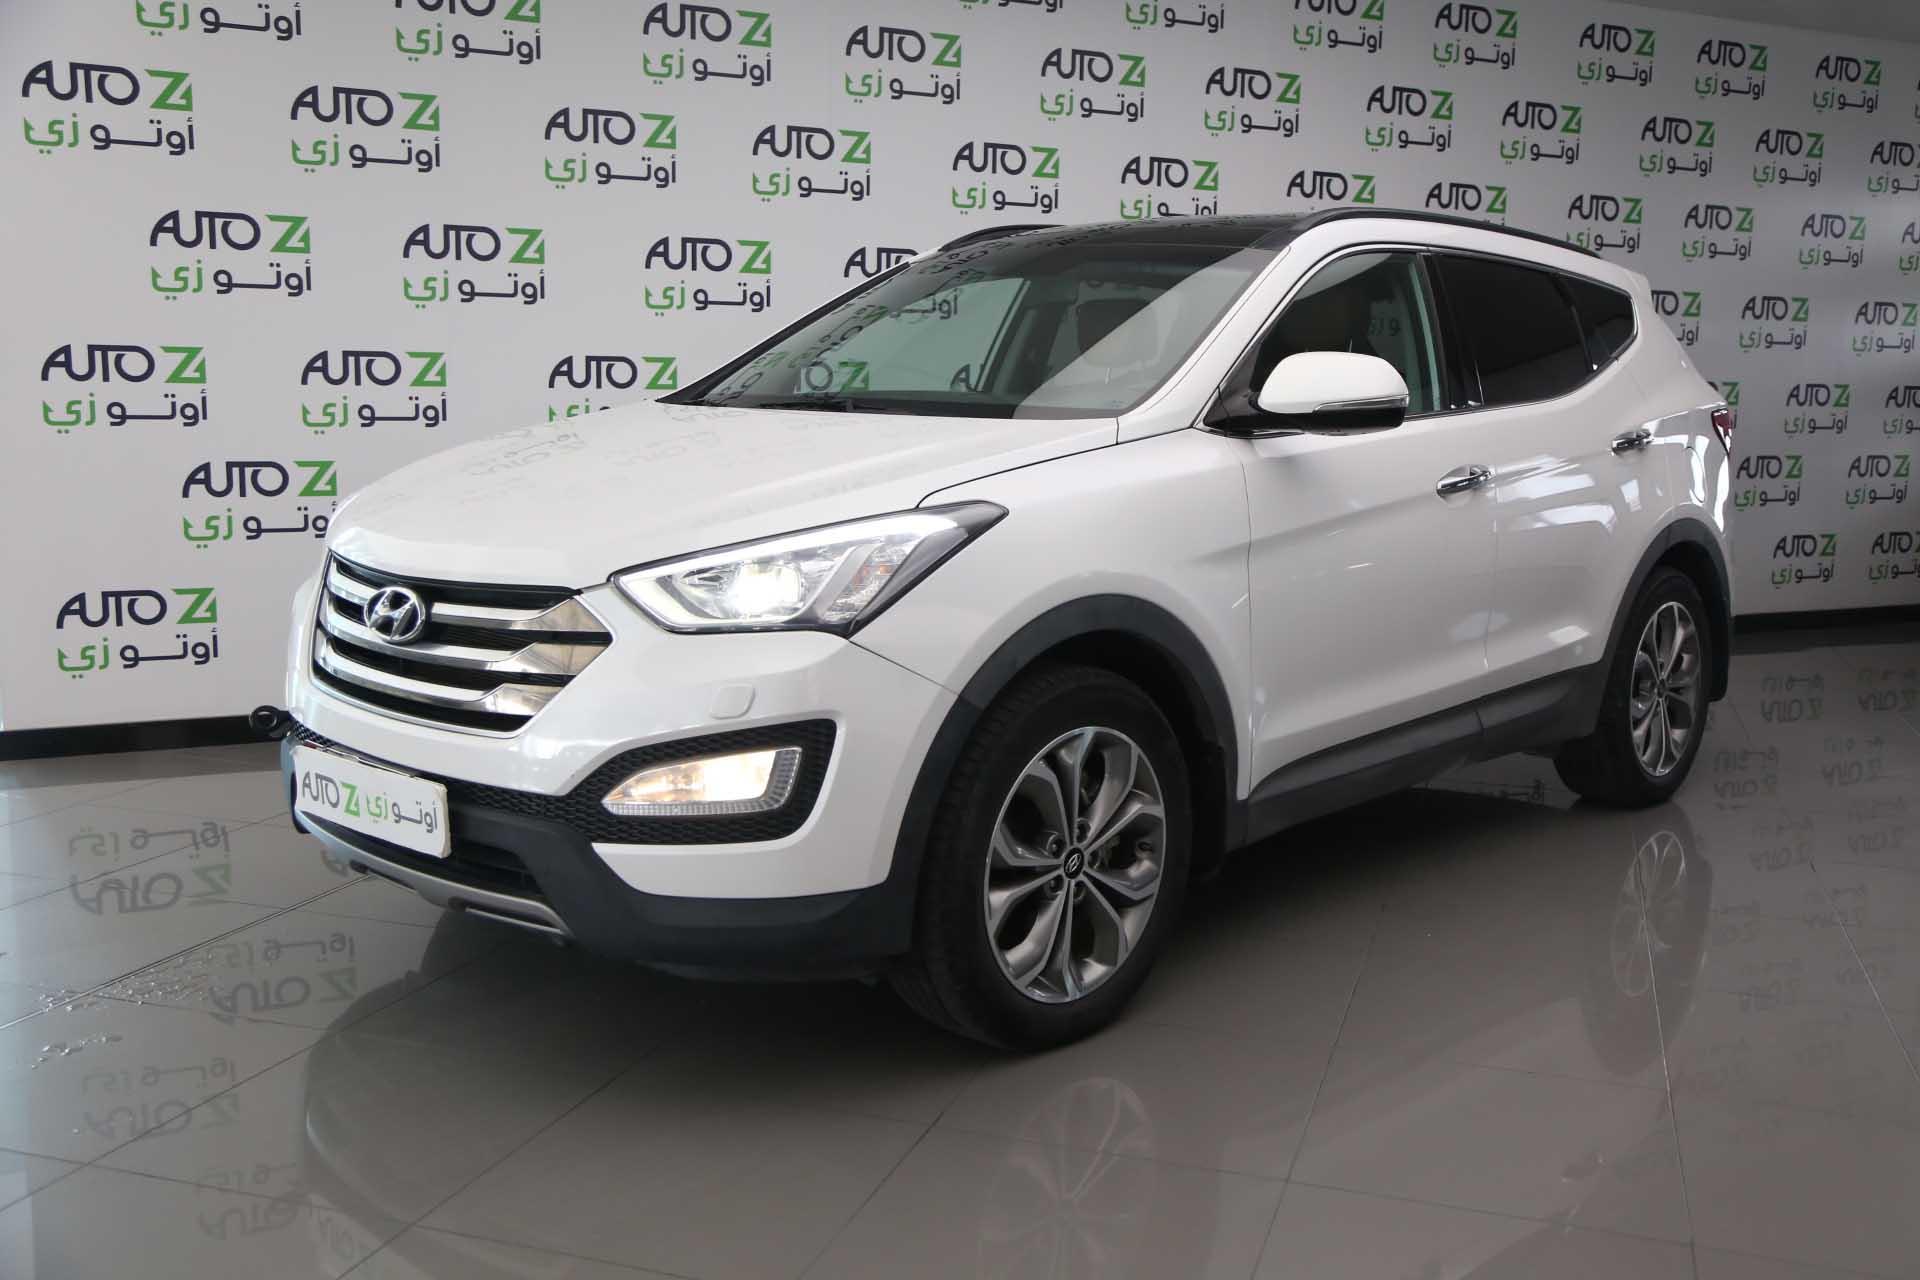 2015 Hyundai Santa Fe – White 2